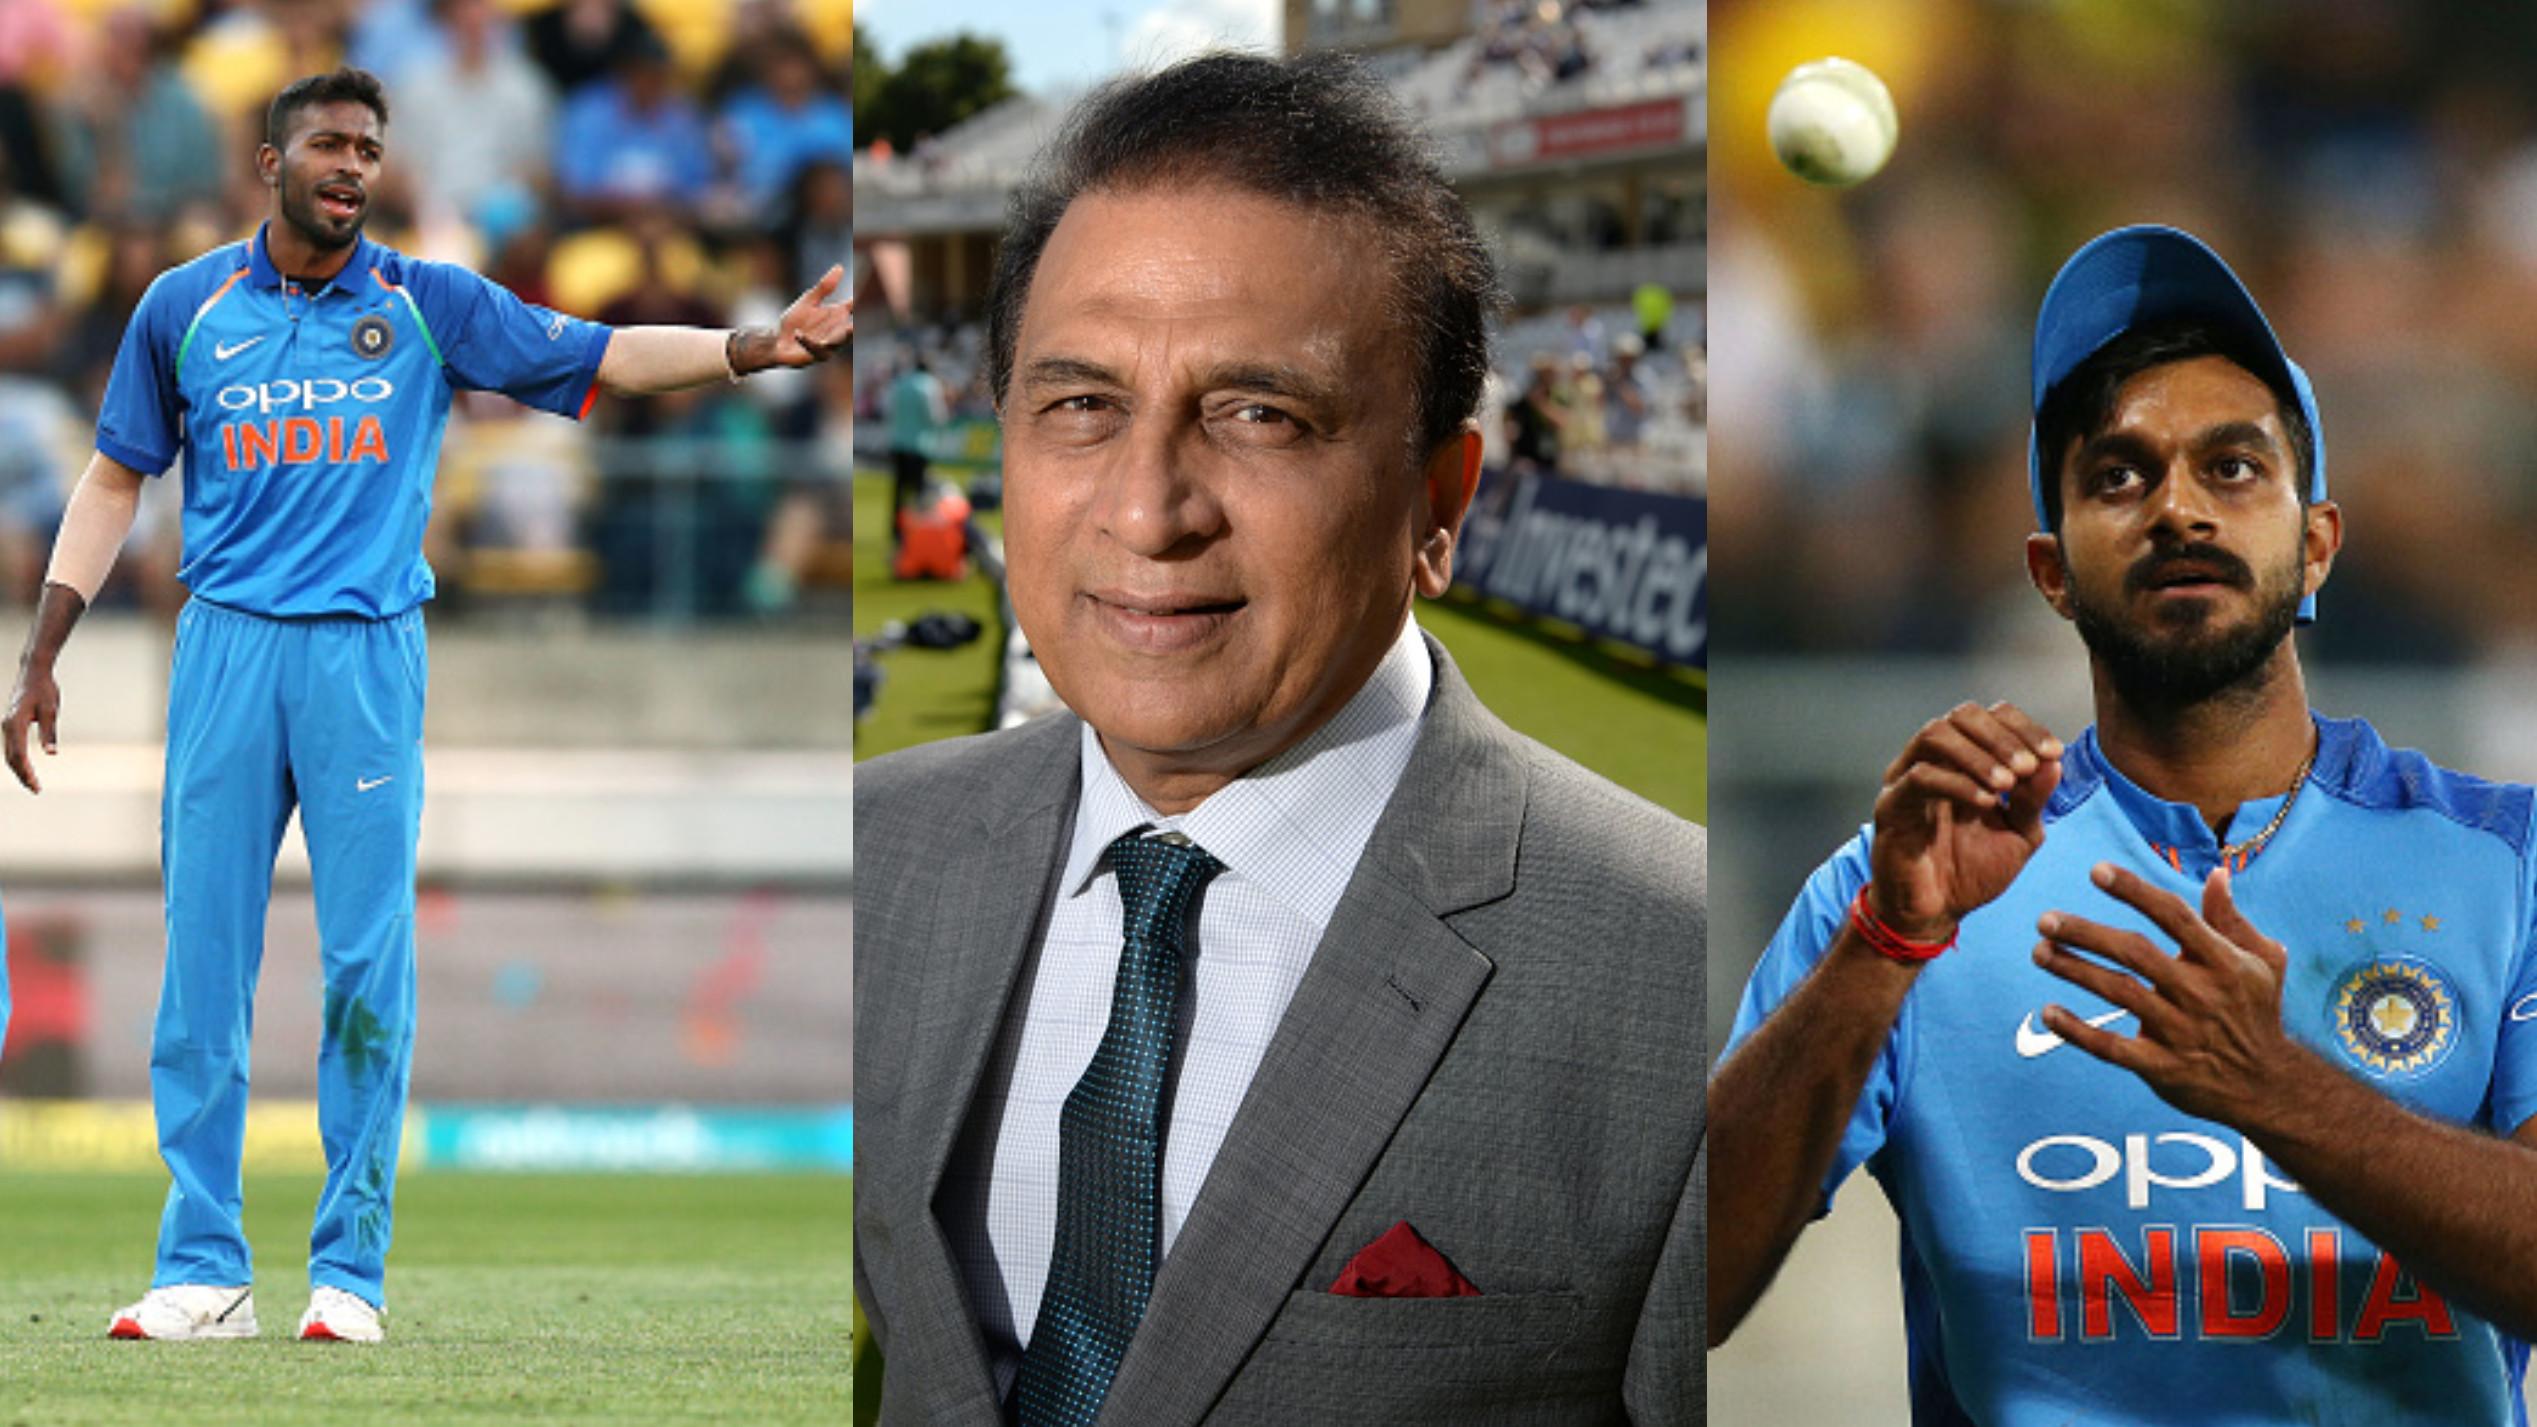 CWC 2019 : विश्व कप में विजय शंकर और हार्दिक पांड्या के खेलने या न खेलने पर दिग्गज सुनील गावस्कर ने कहा ये